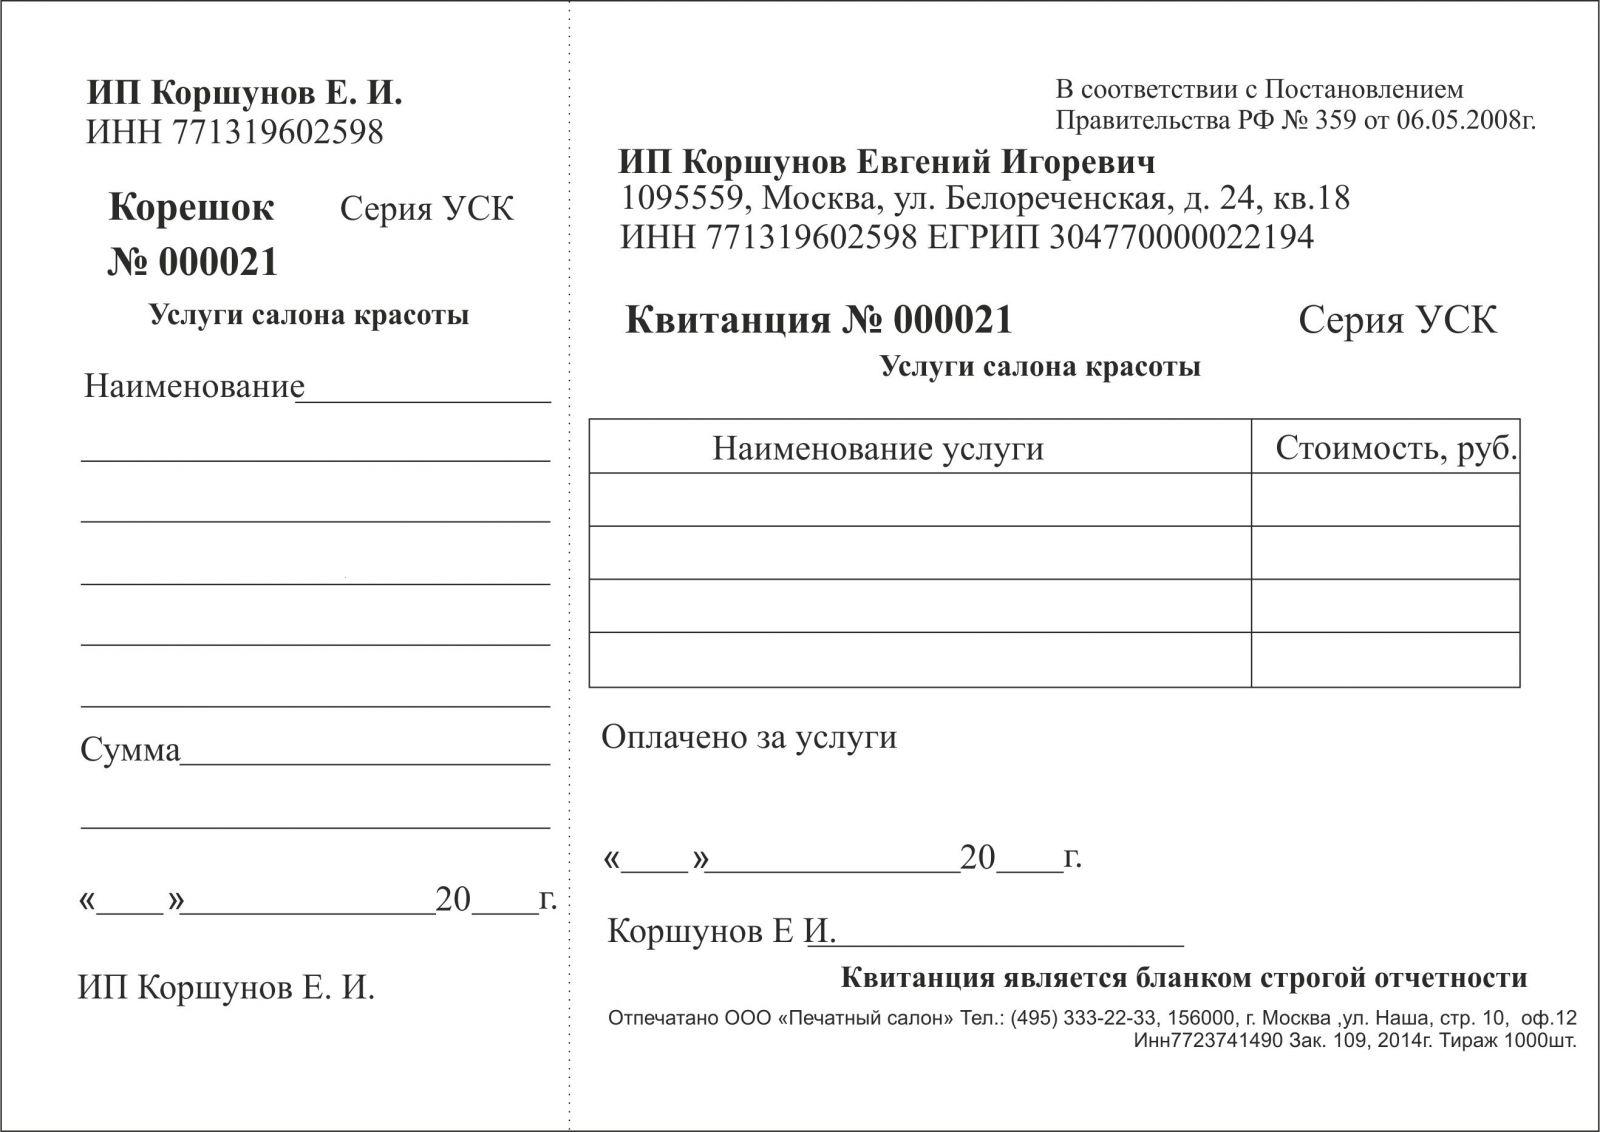 Пример заполнения формы КНД 1110021 заявление